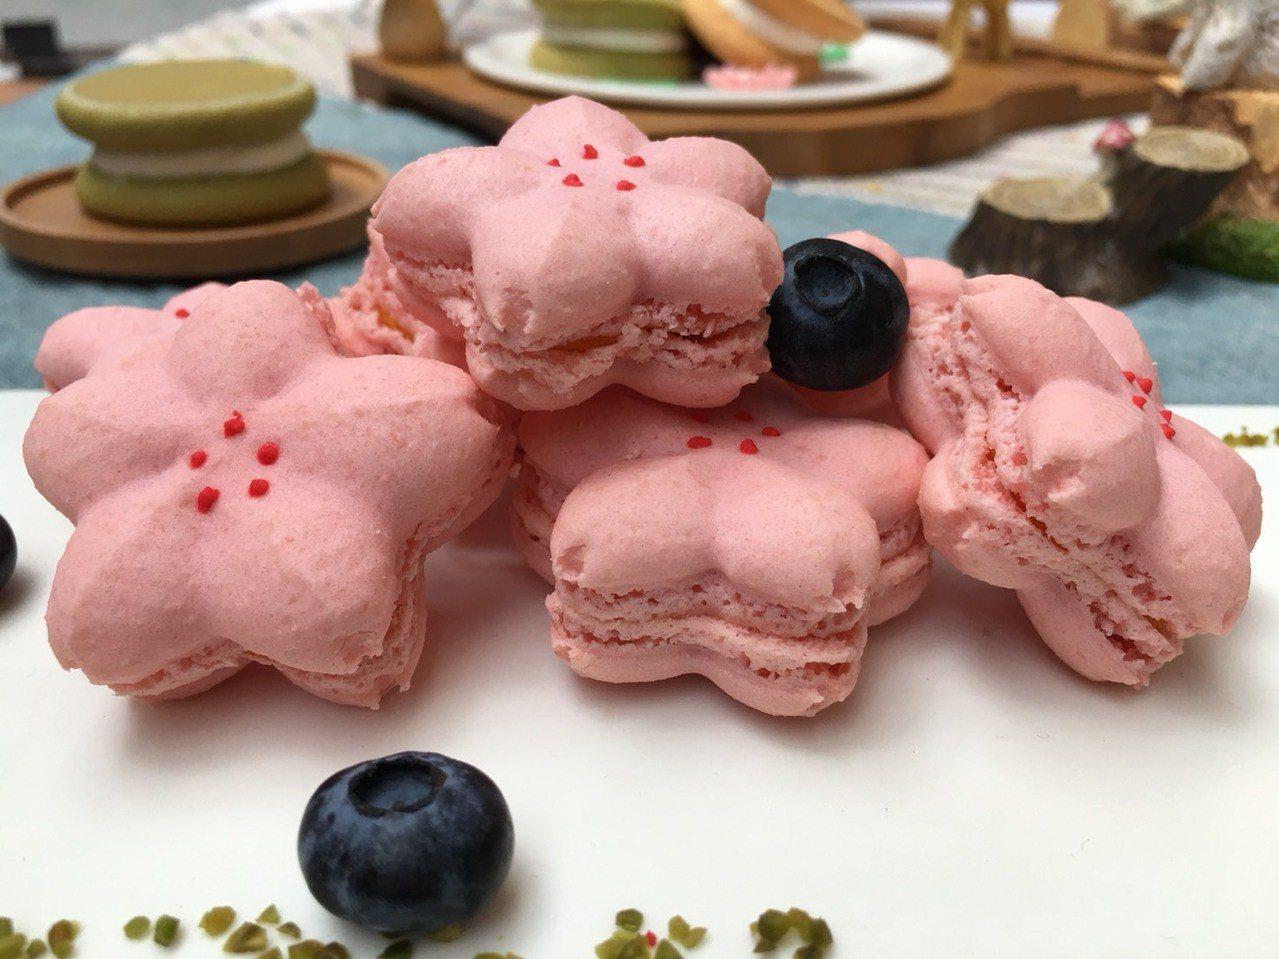 台中主廚推出「櫻花馬卡龍」創意甜點,可愛外觀大受民眾喜愛,詢問度破表。圖/台中市...